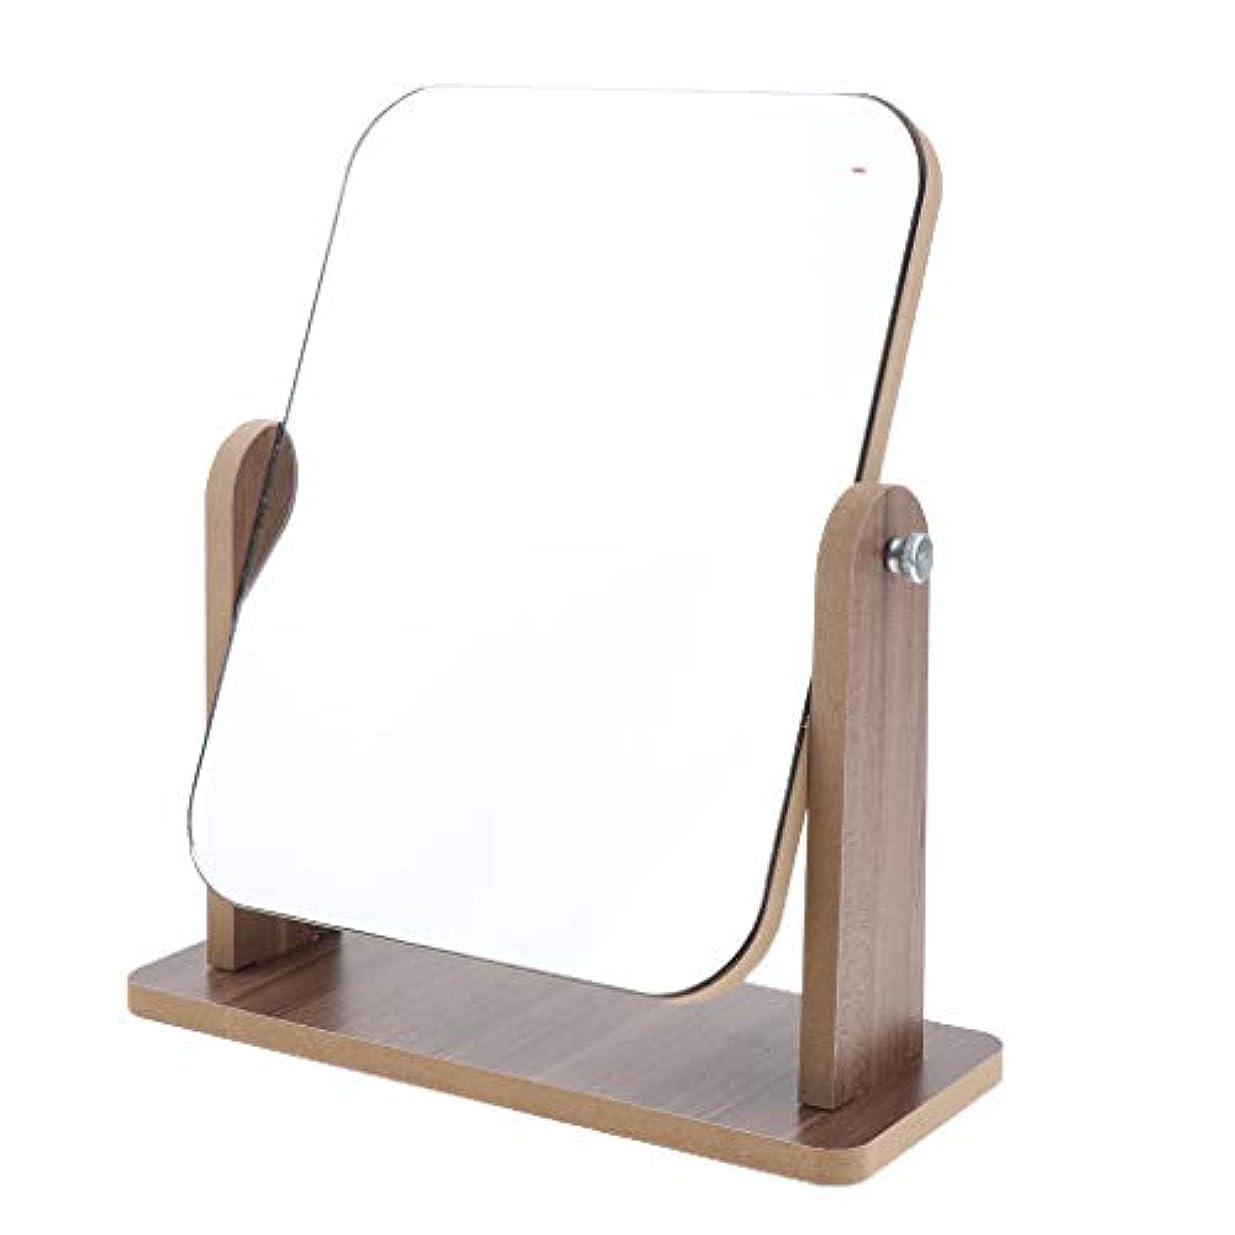 試用抹消トレイルSharplace 全3サイズ 卓上化粧鏡 フェイスケアツール 高精細 木製フレーム 自立型 鏡 デスクトップ - 大